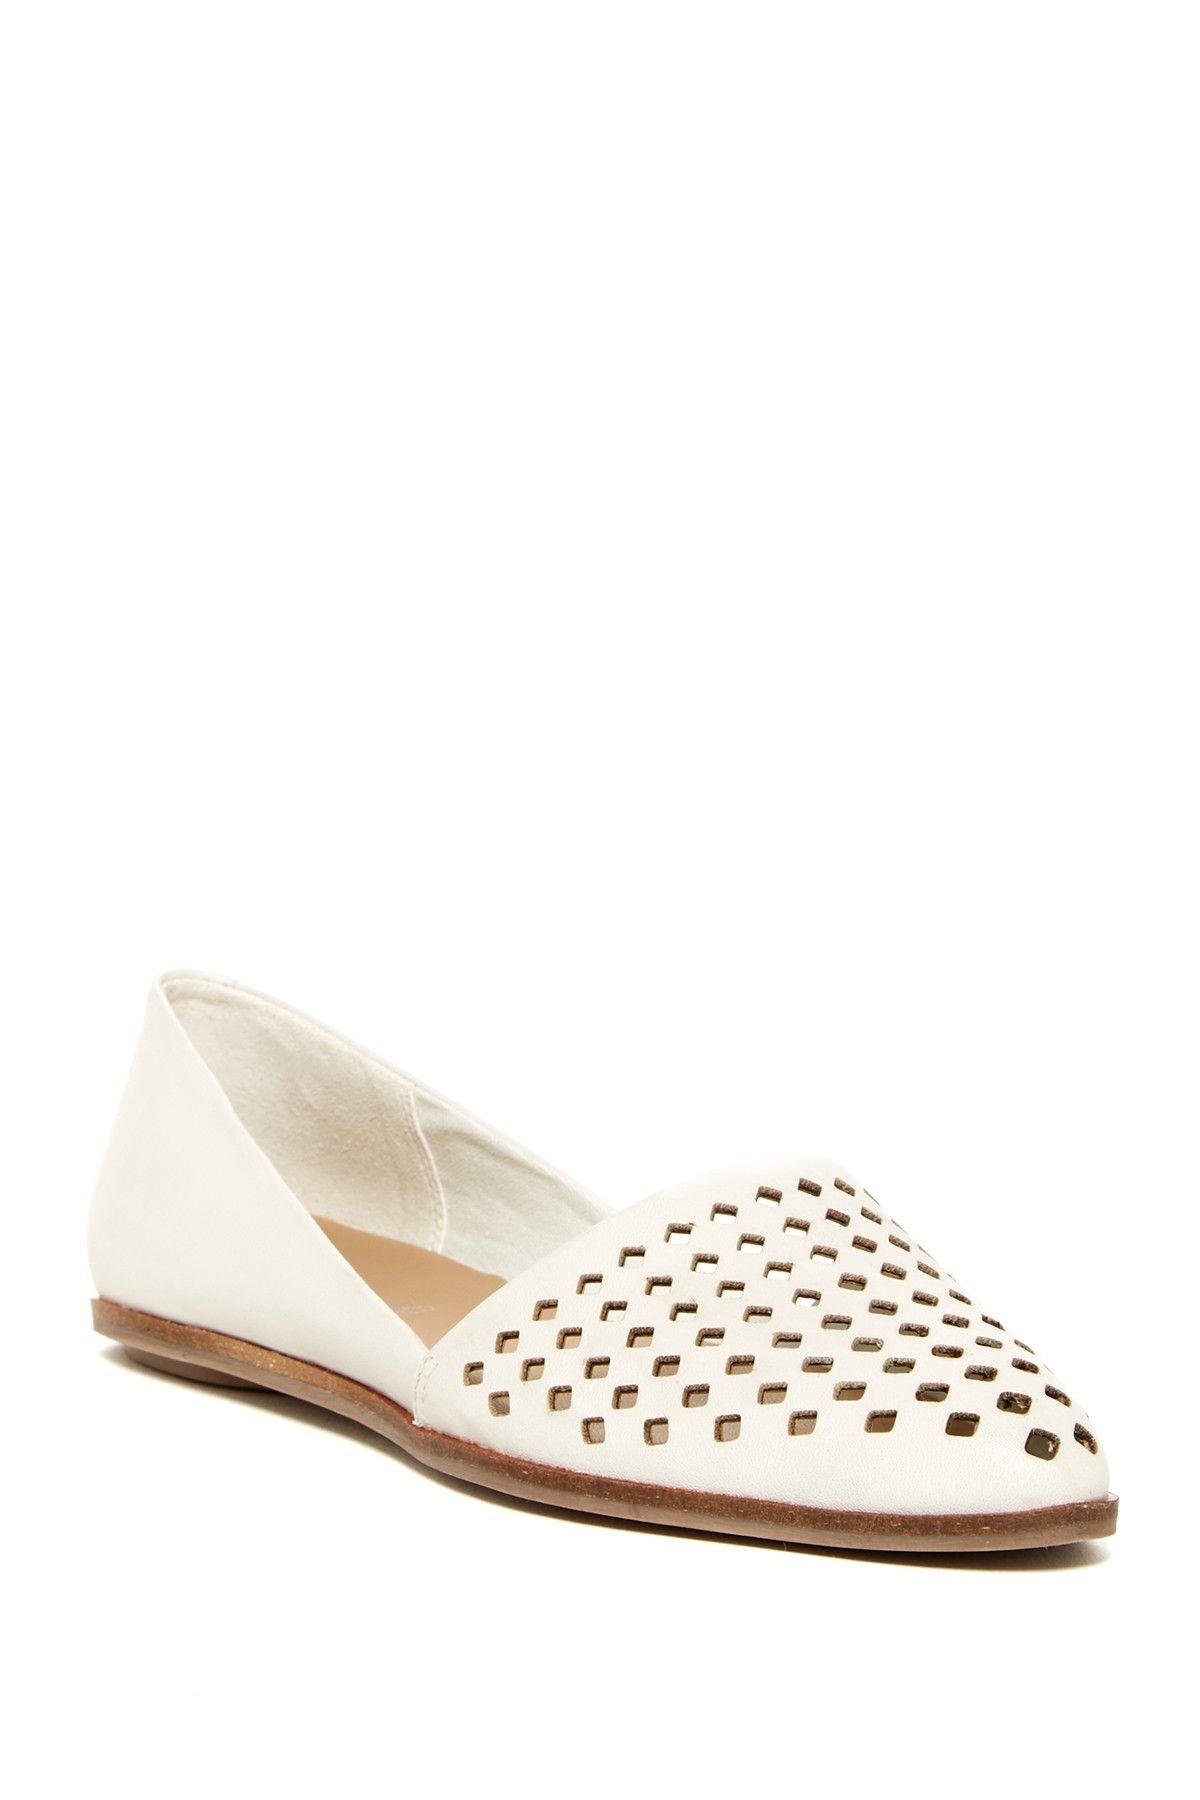 Love these! Aldo Prerilla Flats